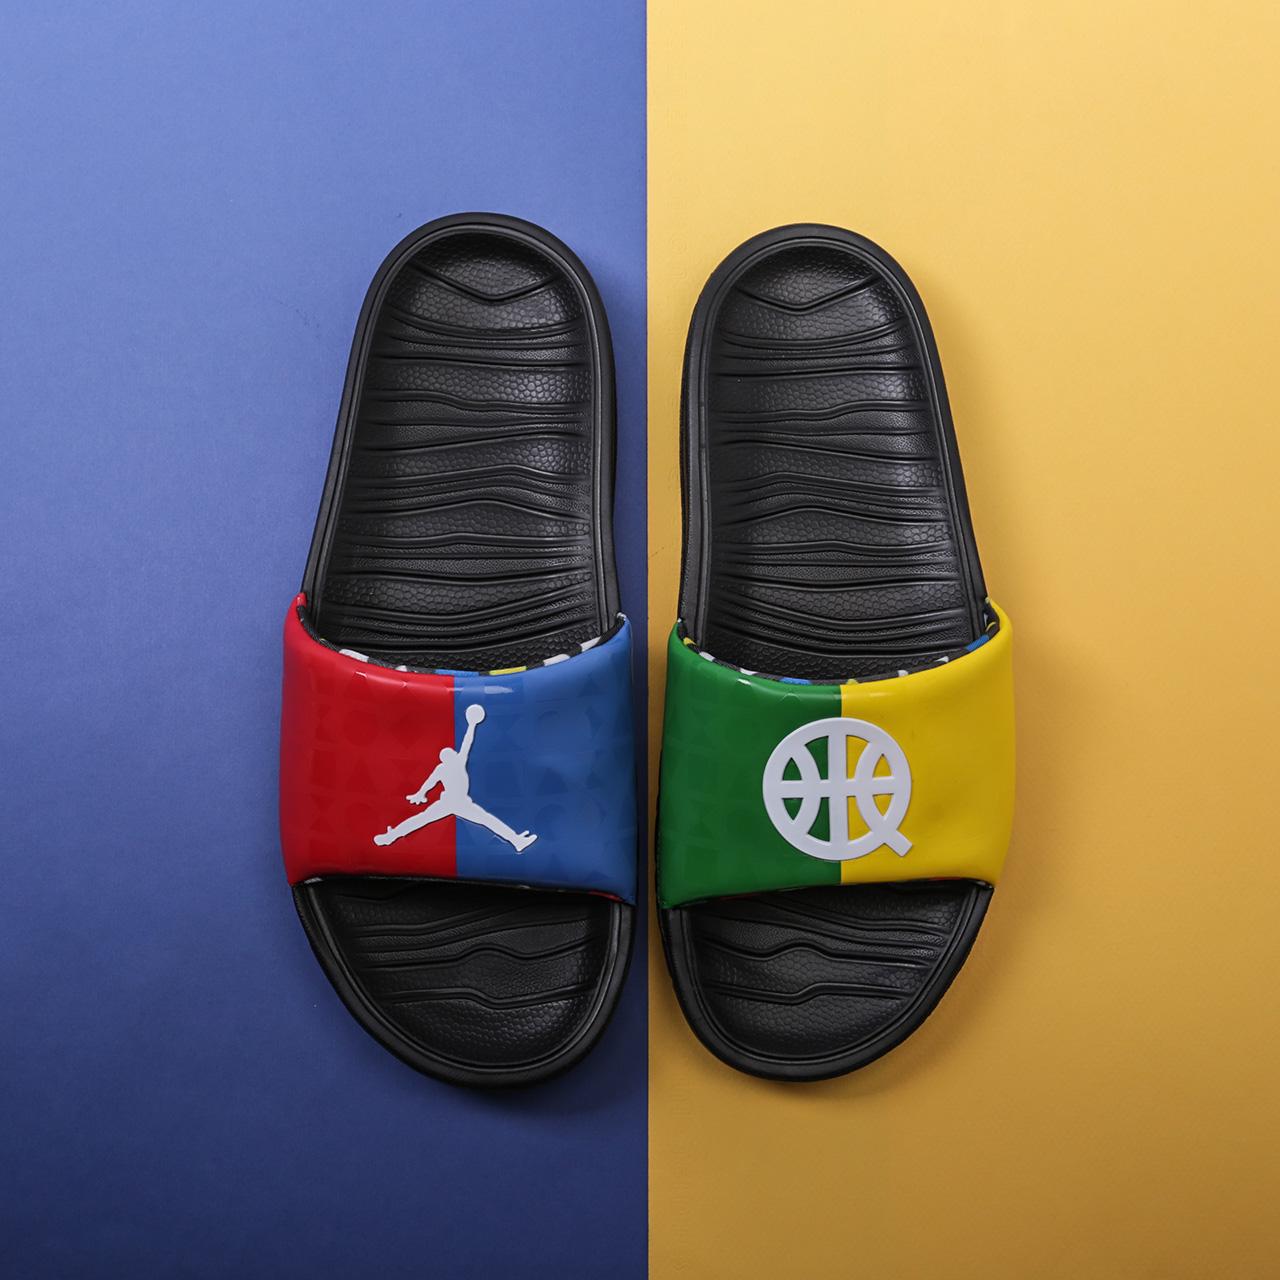 76b80e0e Купить товары Jordan (Джордан) по цене от 250 рублей с доставкой по Москве  и России в интернет-магазине Sneakerhead